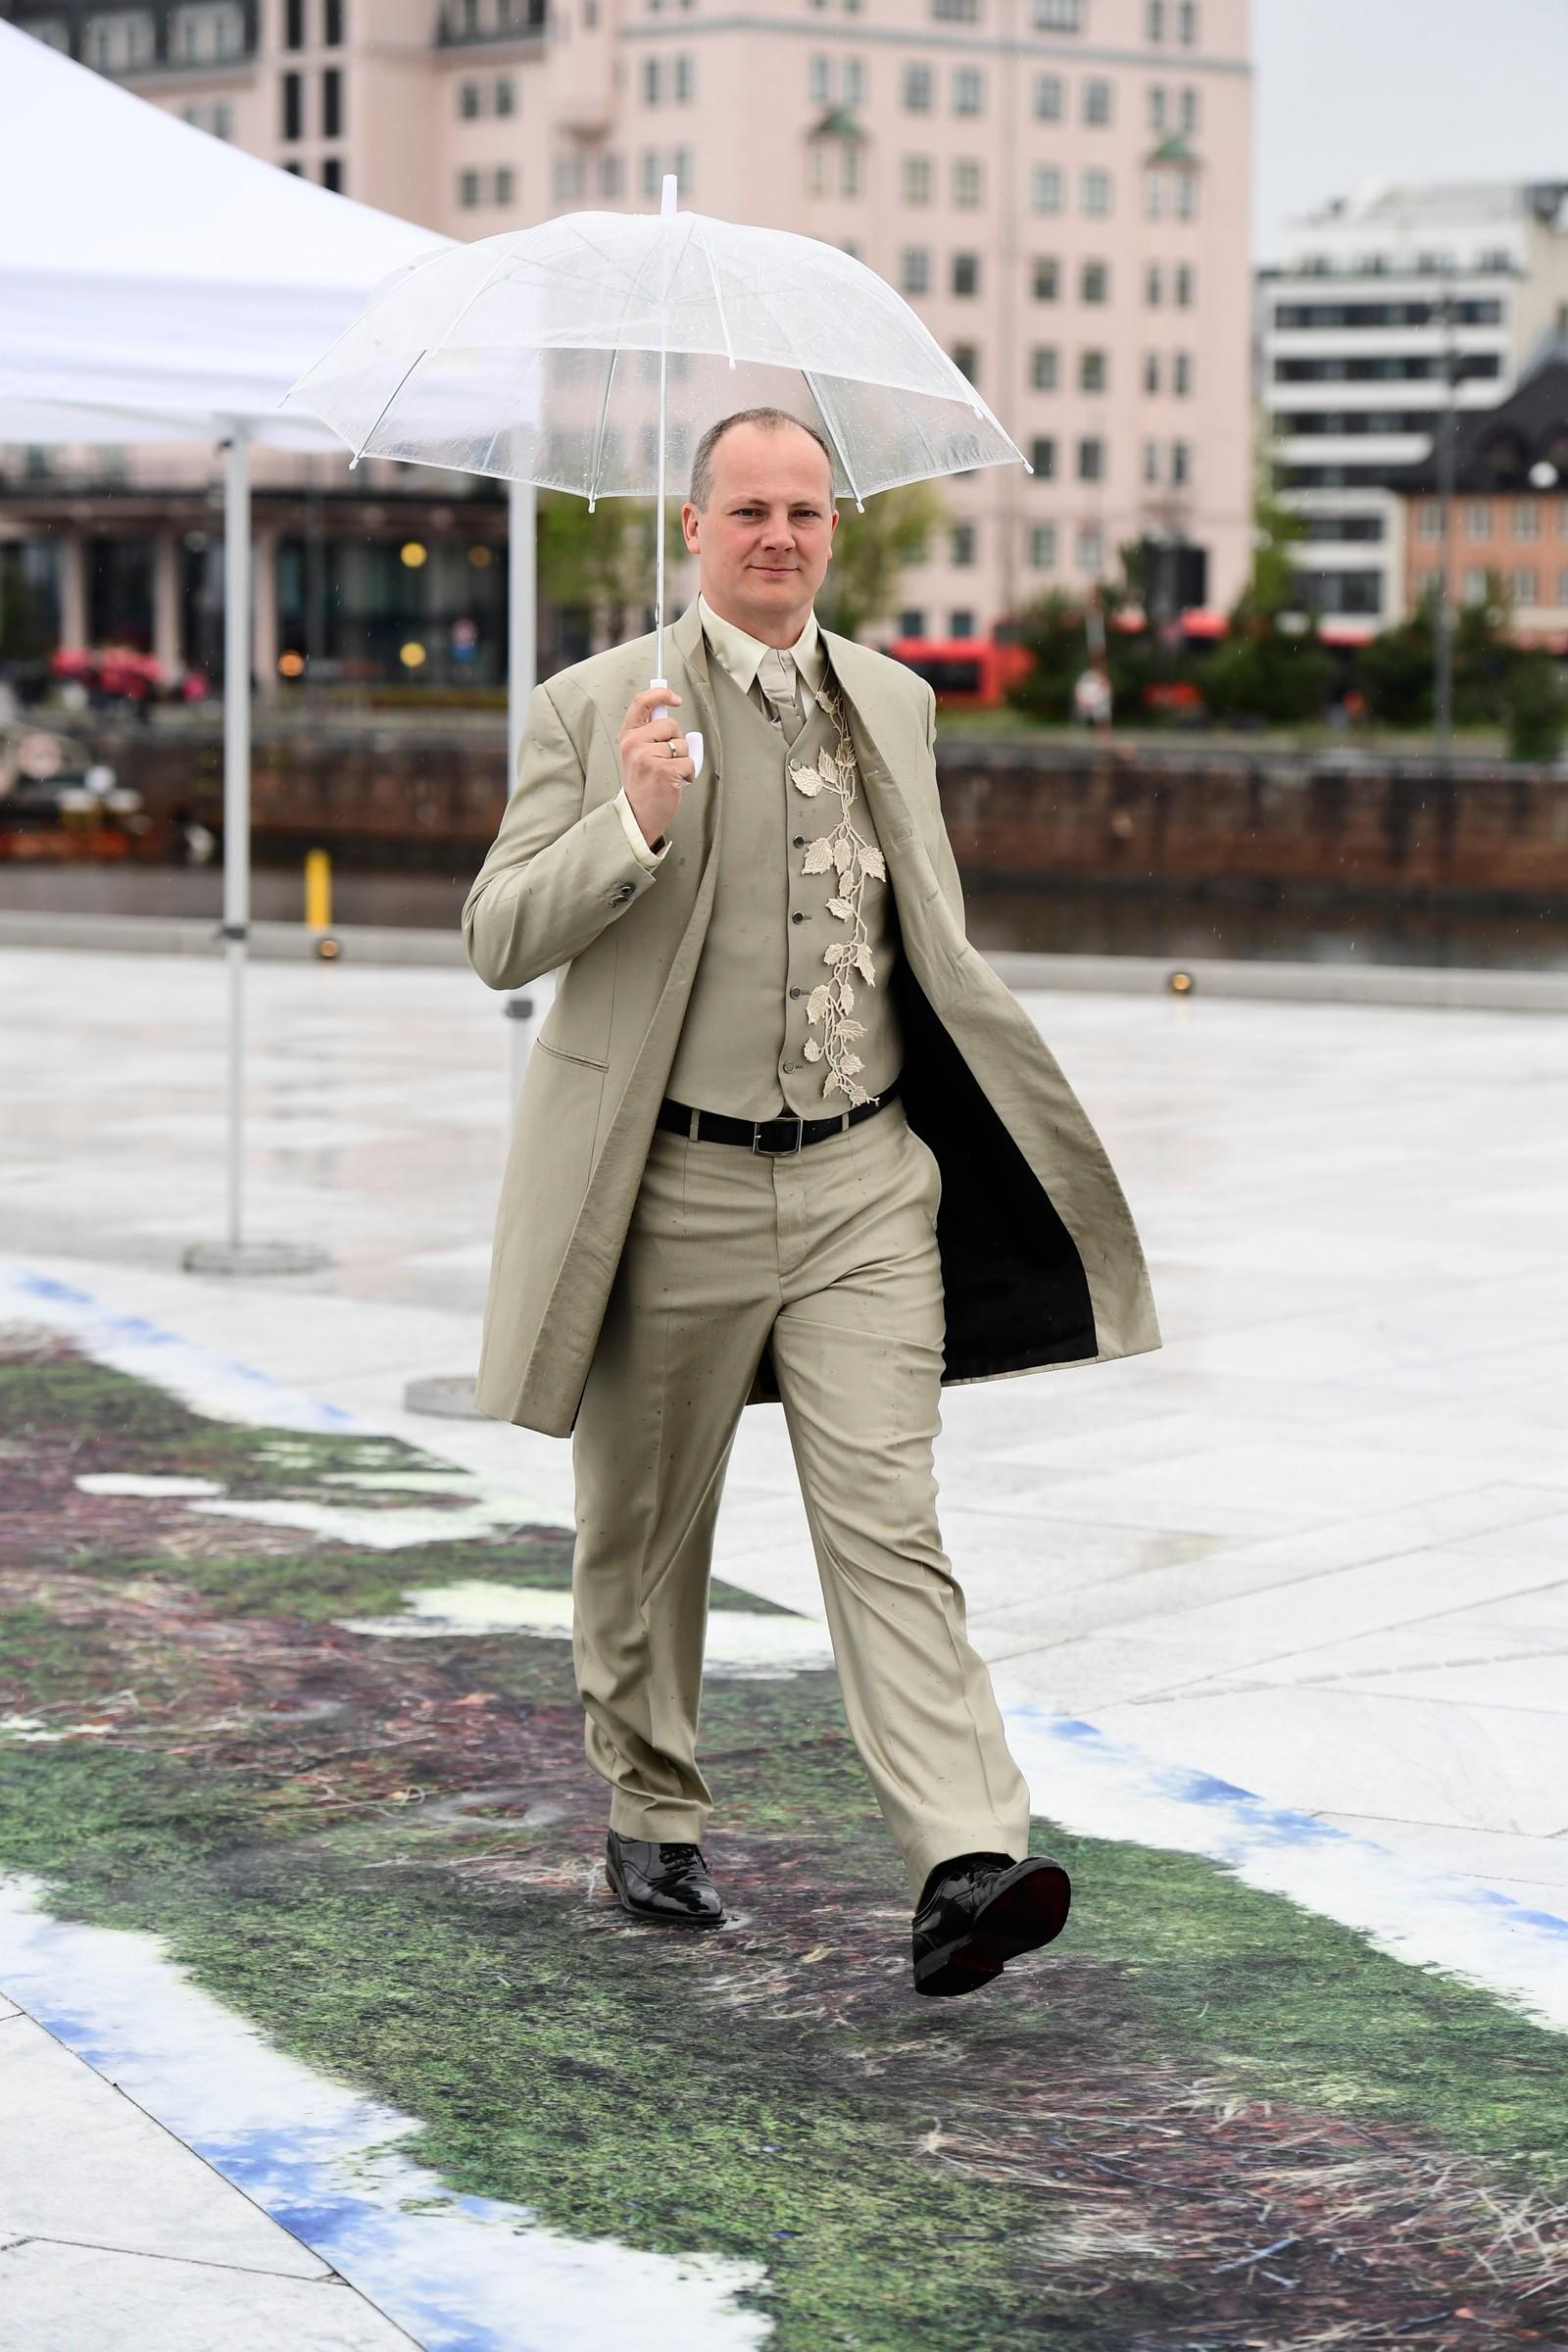 Samferdselsminister Ketil Solvik-Olsen ankommer festmiddagen i Operaen i anledning kongeparets 80-årsfeiring.